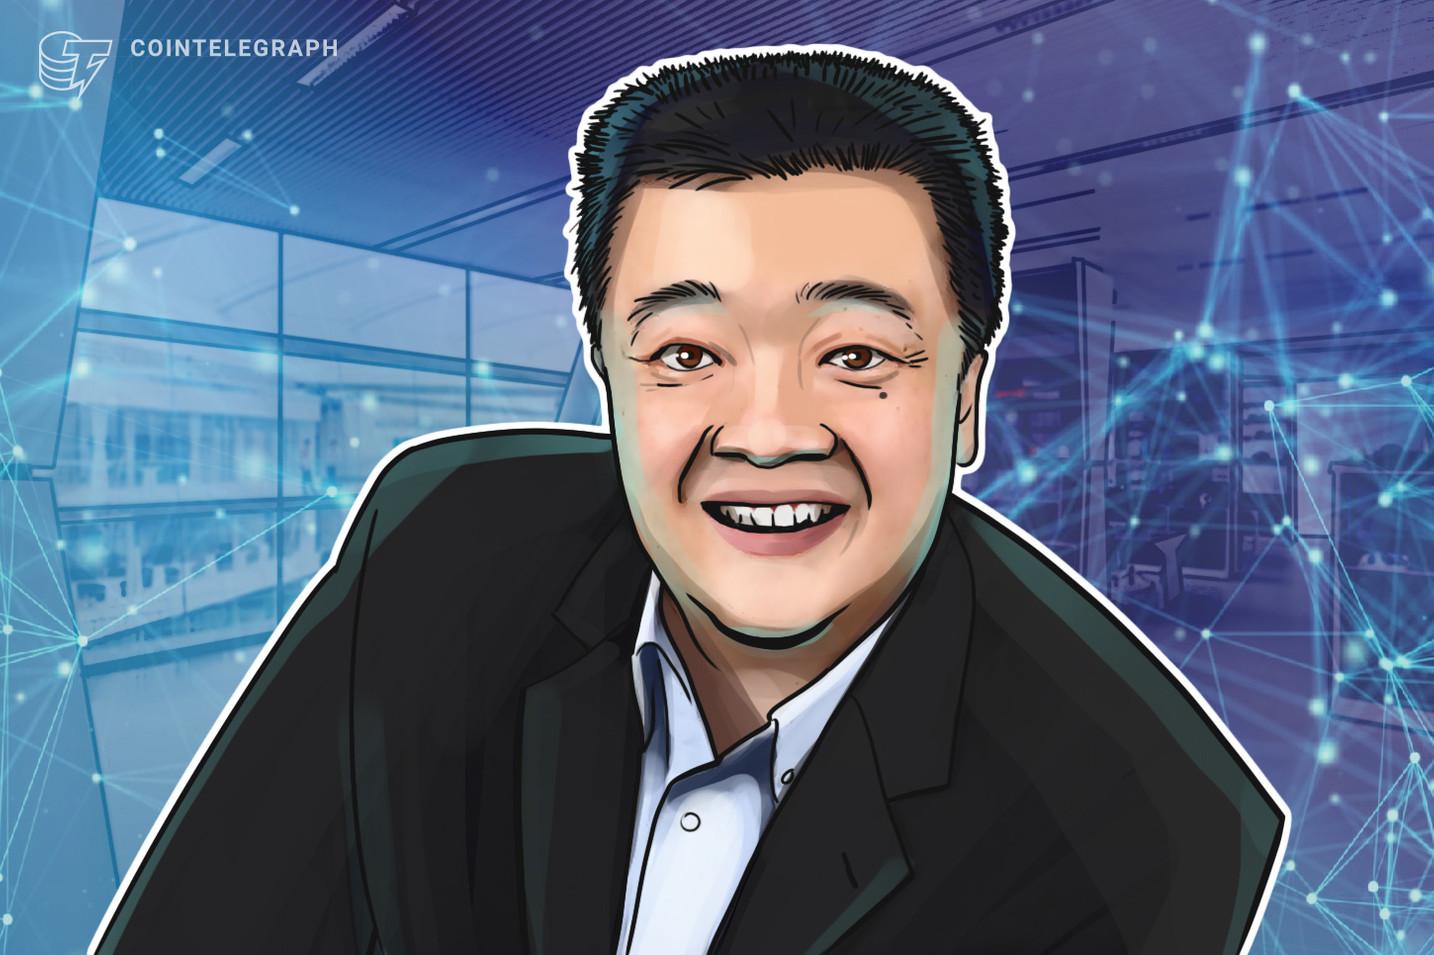 การปราบปรามของจีนส่งสัญญาณการห้าม crypto ที่กำลังจะมาถึง Bobby Lee กล่าว